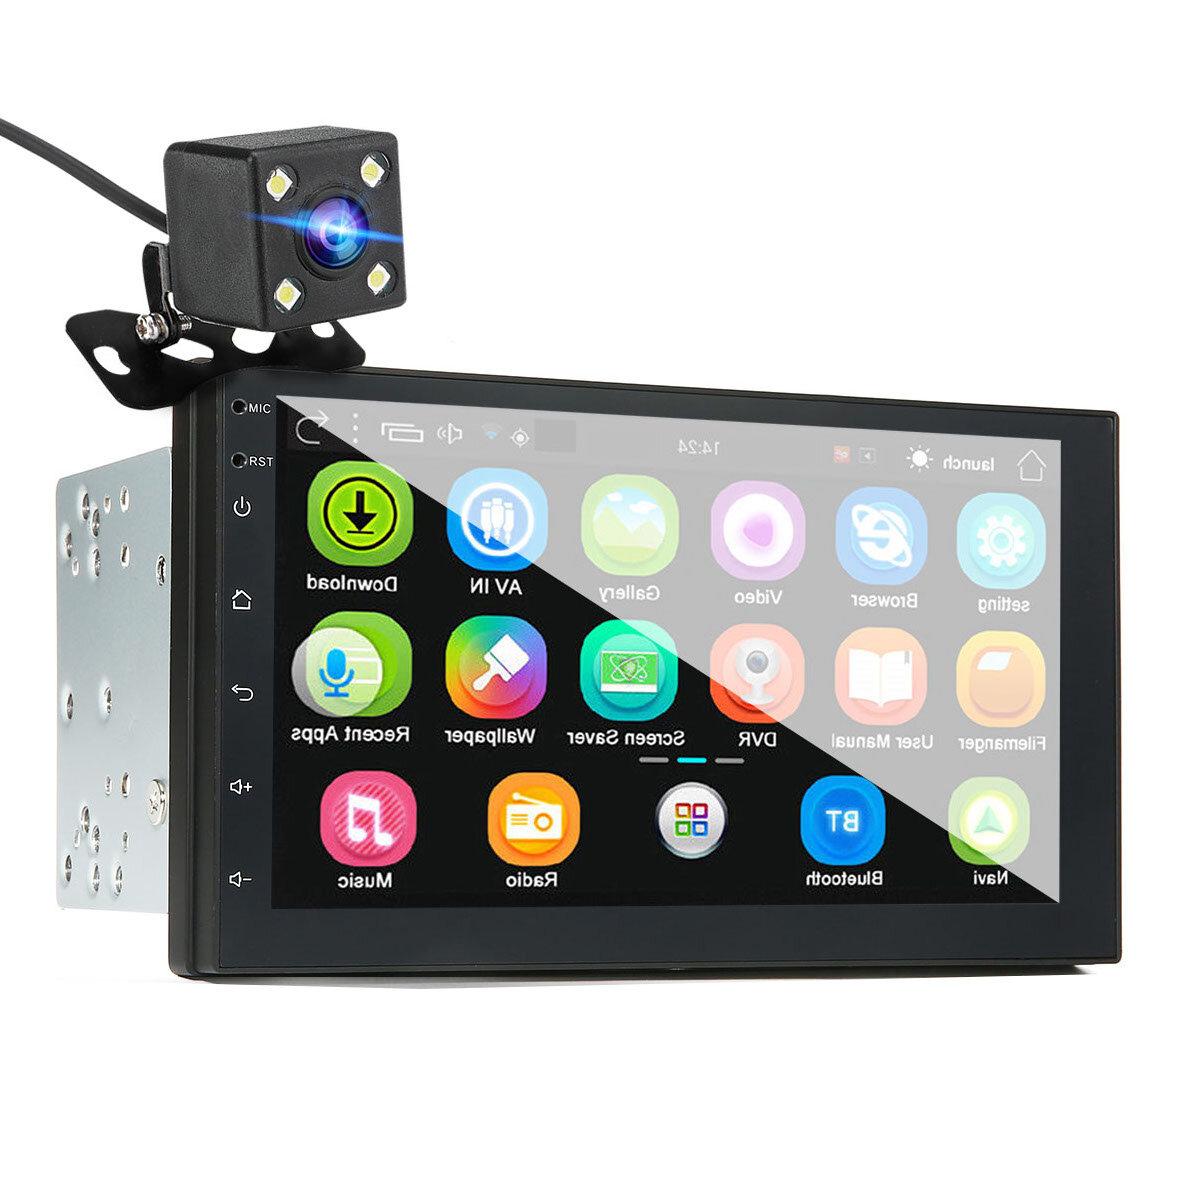 iMars 7 Inch एंड्रॉइड 8.0 2.5D स्क्रीन स्टीरियो रेडियो GPS वाईफ़ाई ब्लूटूथ एफएम के लिए रियर 2 दीन कार एमपी 5 प्ले